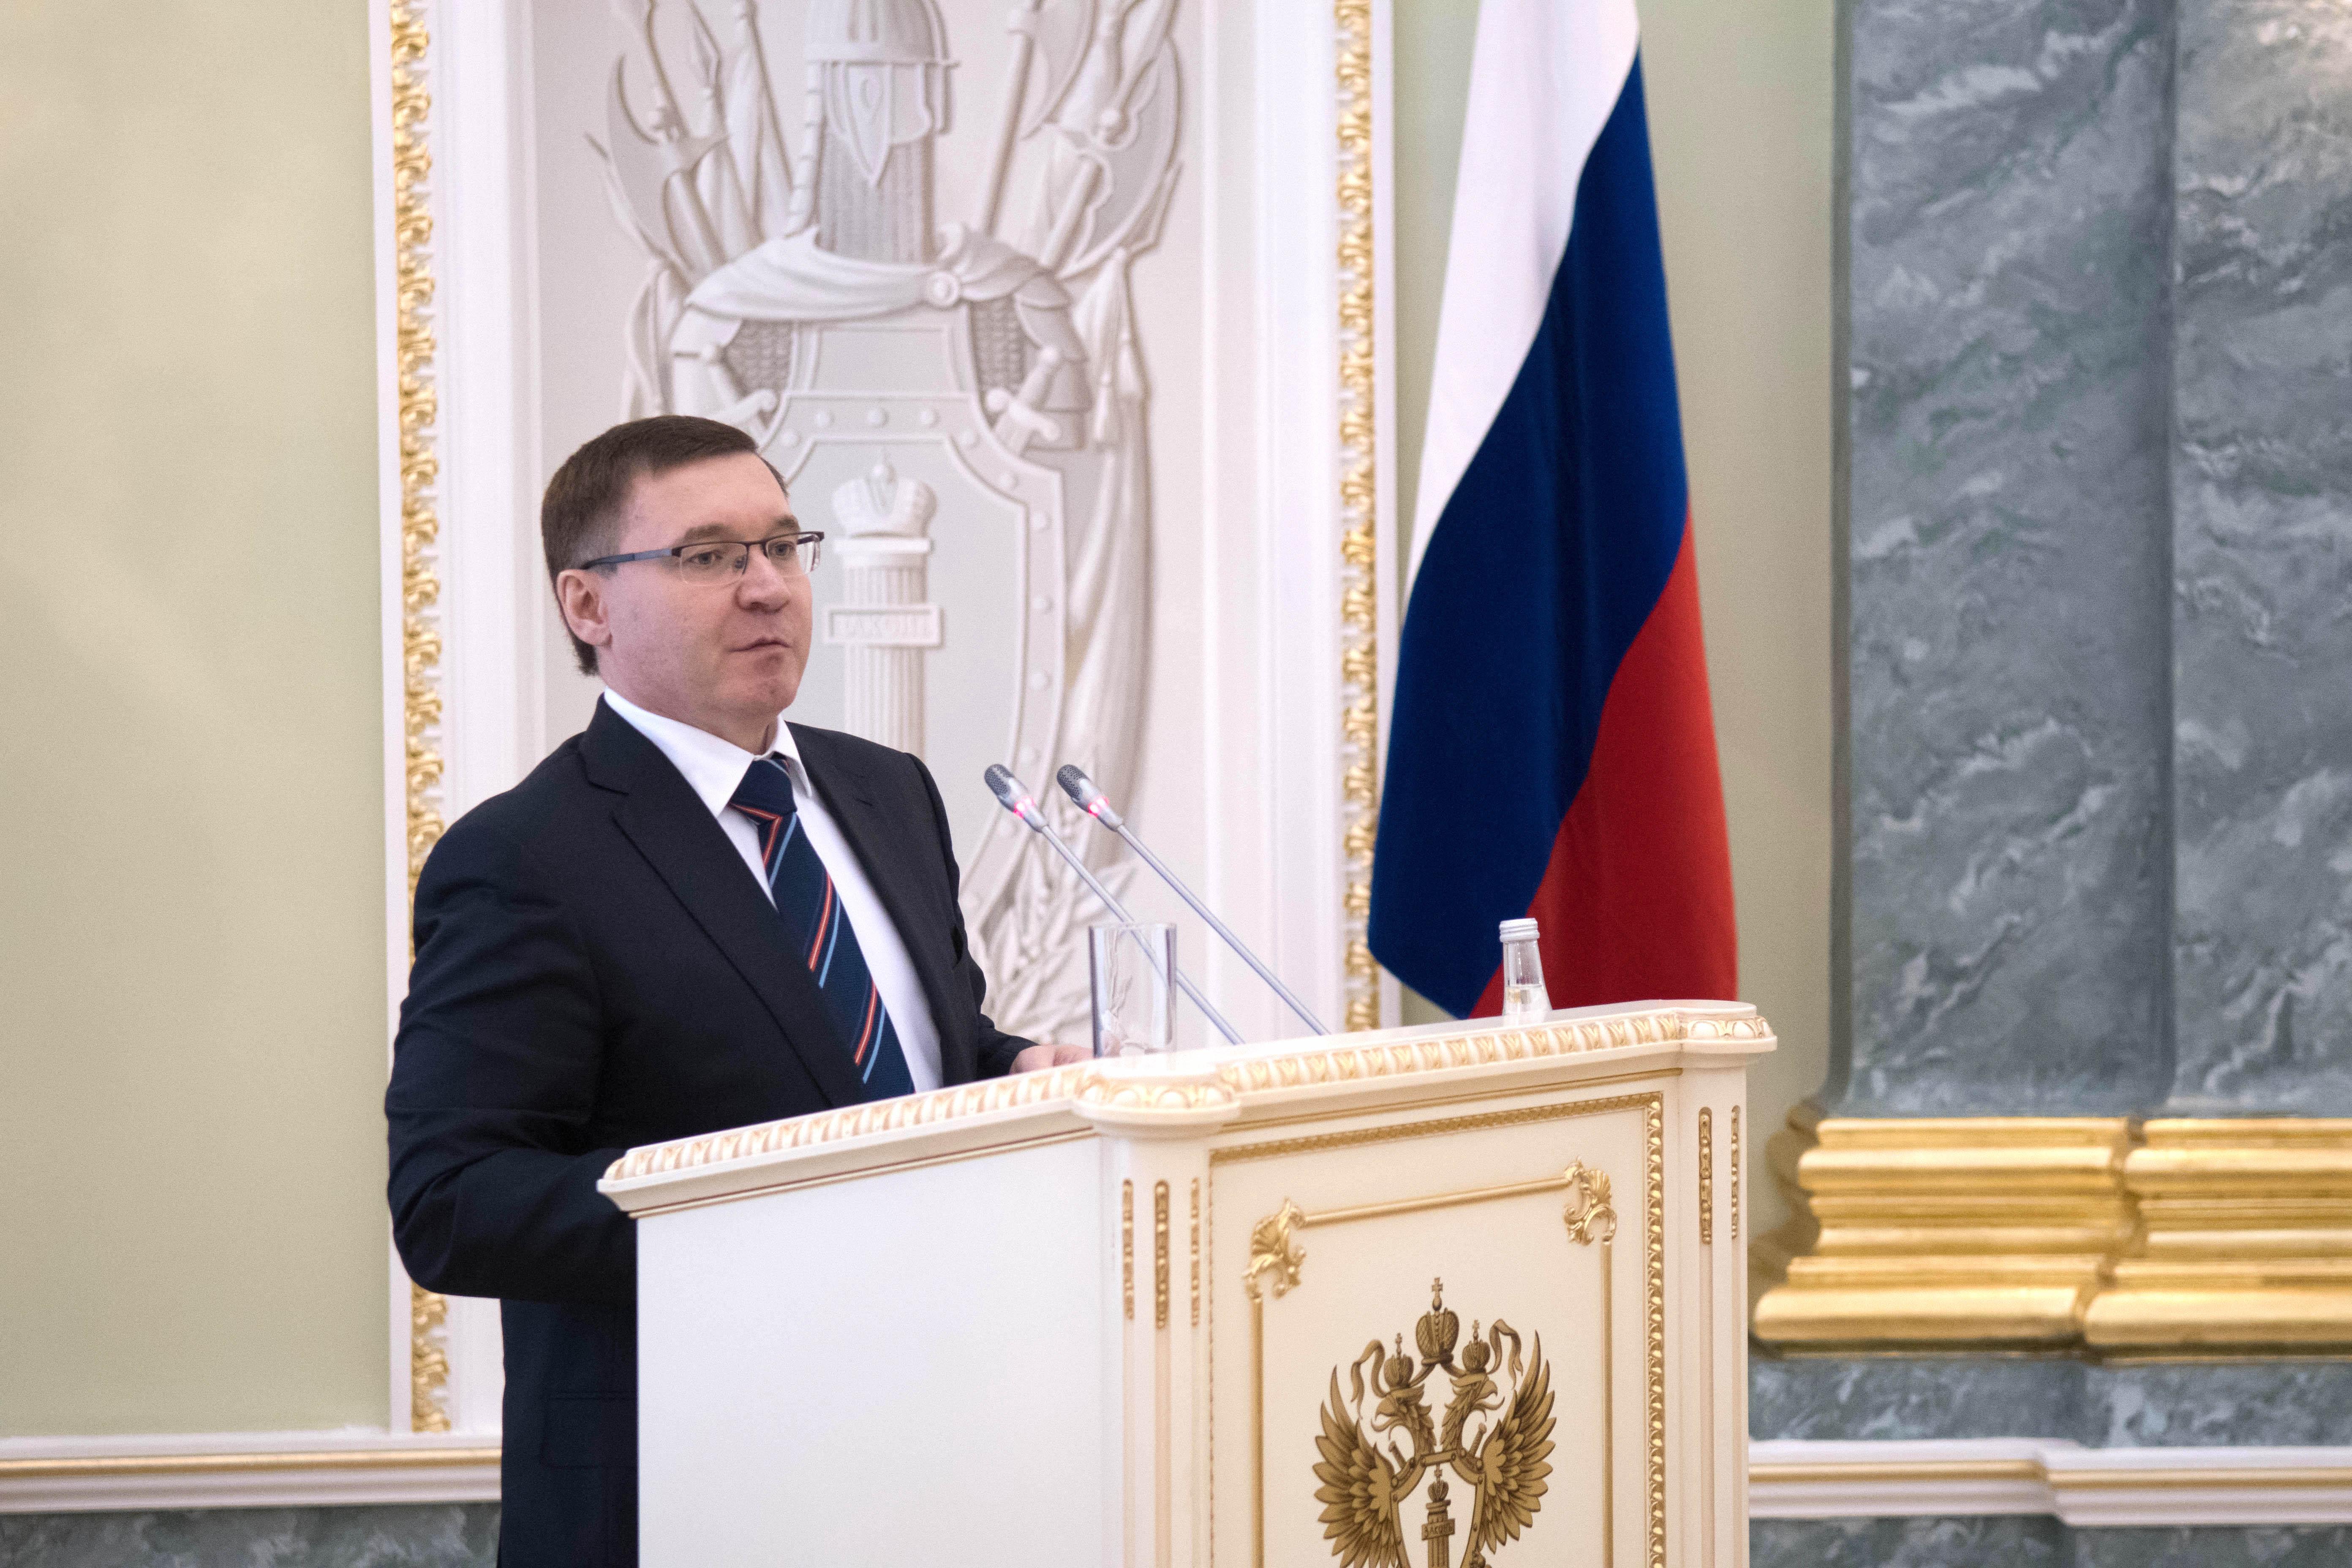 Минстрой России совместно с Центробанком разъяснят поправки в закон по <br>долевому строительству